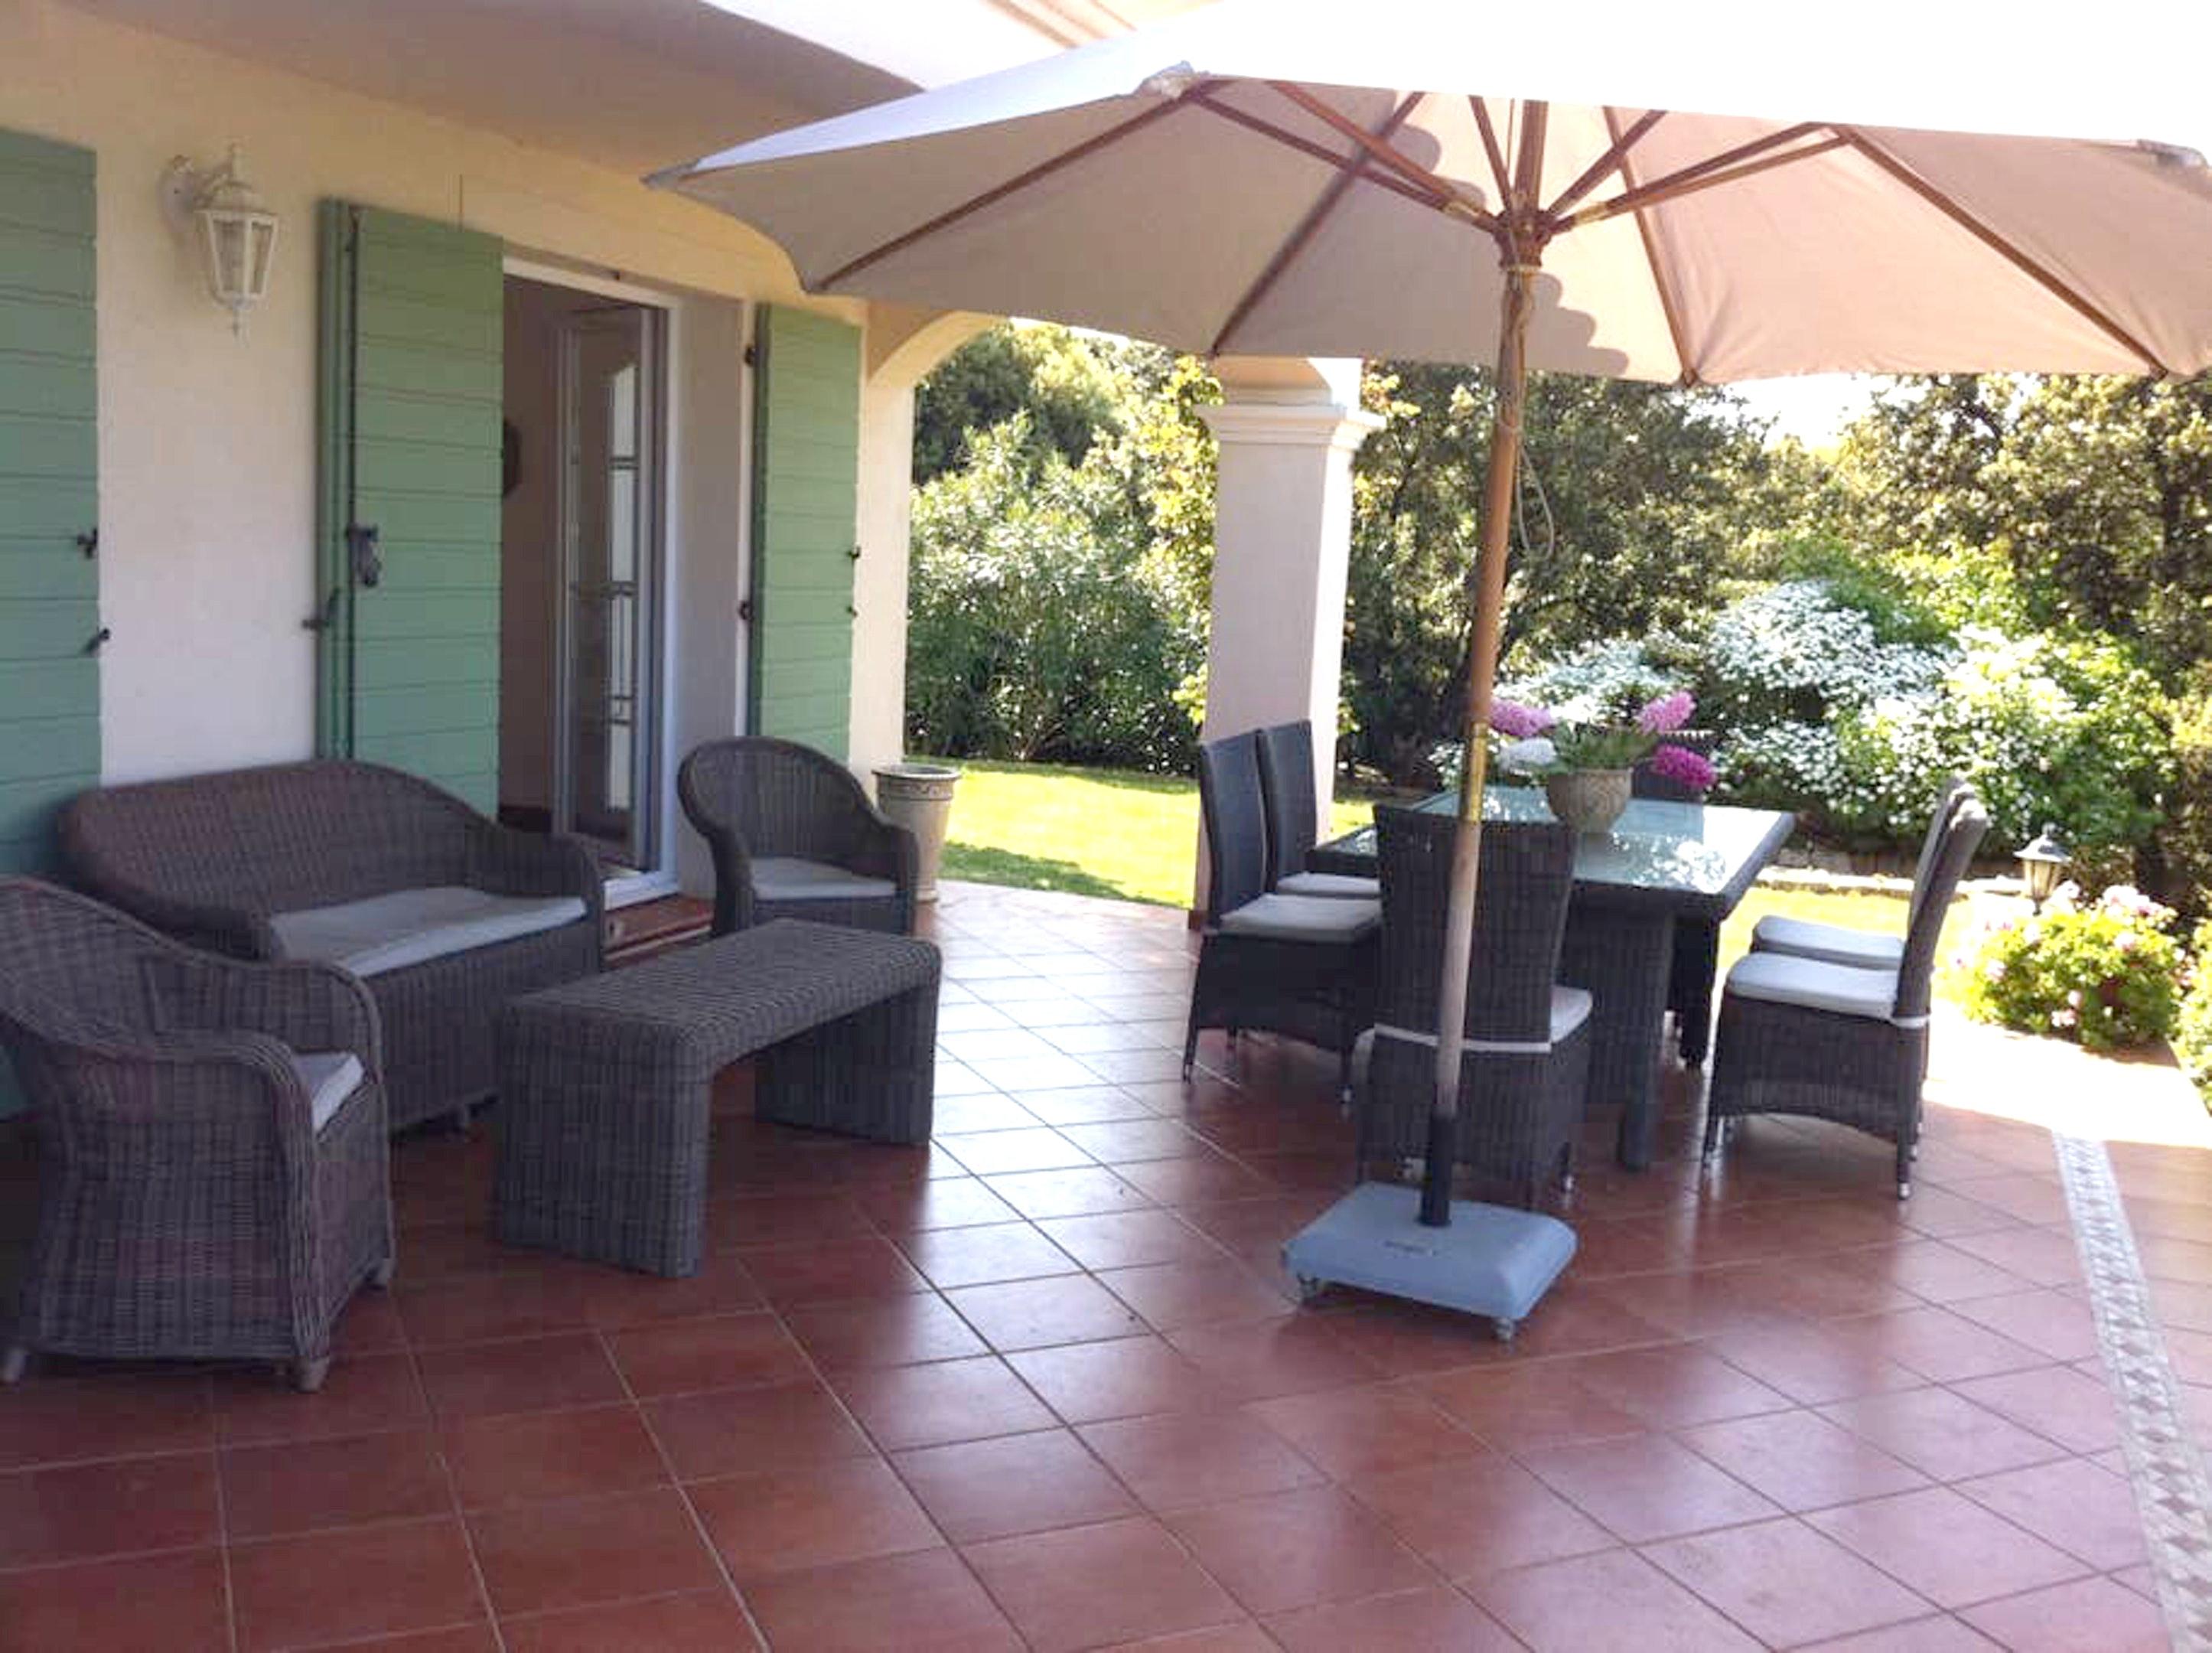 Ferienhaus Villa mit 4 Schlafzimmern in Lumio mit herrlichem Meerblick, privatem Pool, möbliertem Gar (2632533), Lumio, Nordkorsika, Korsika, Frankreich, Bild 2